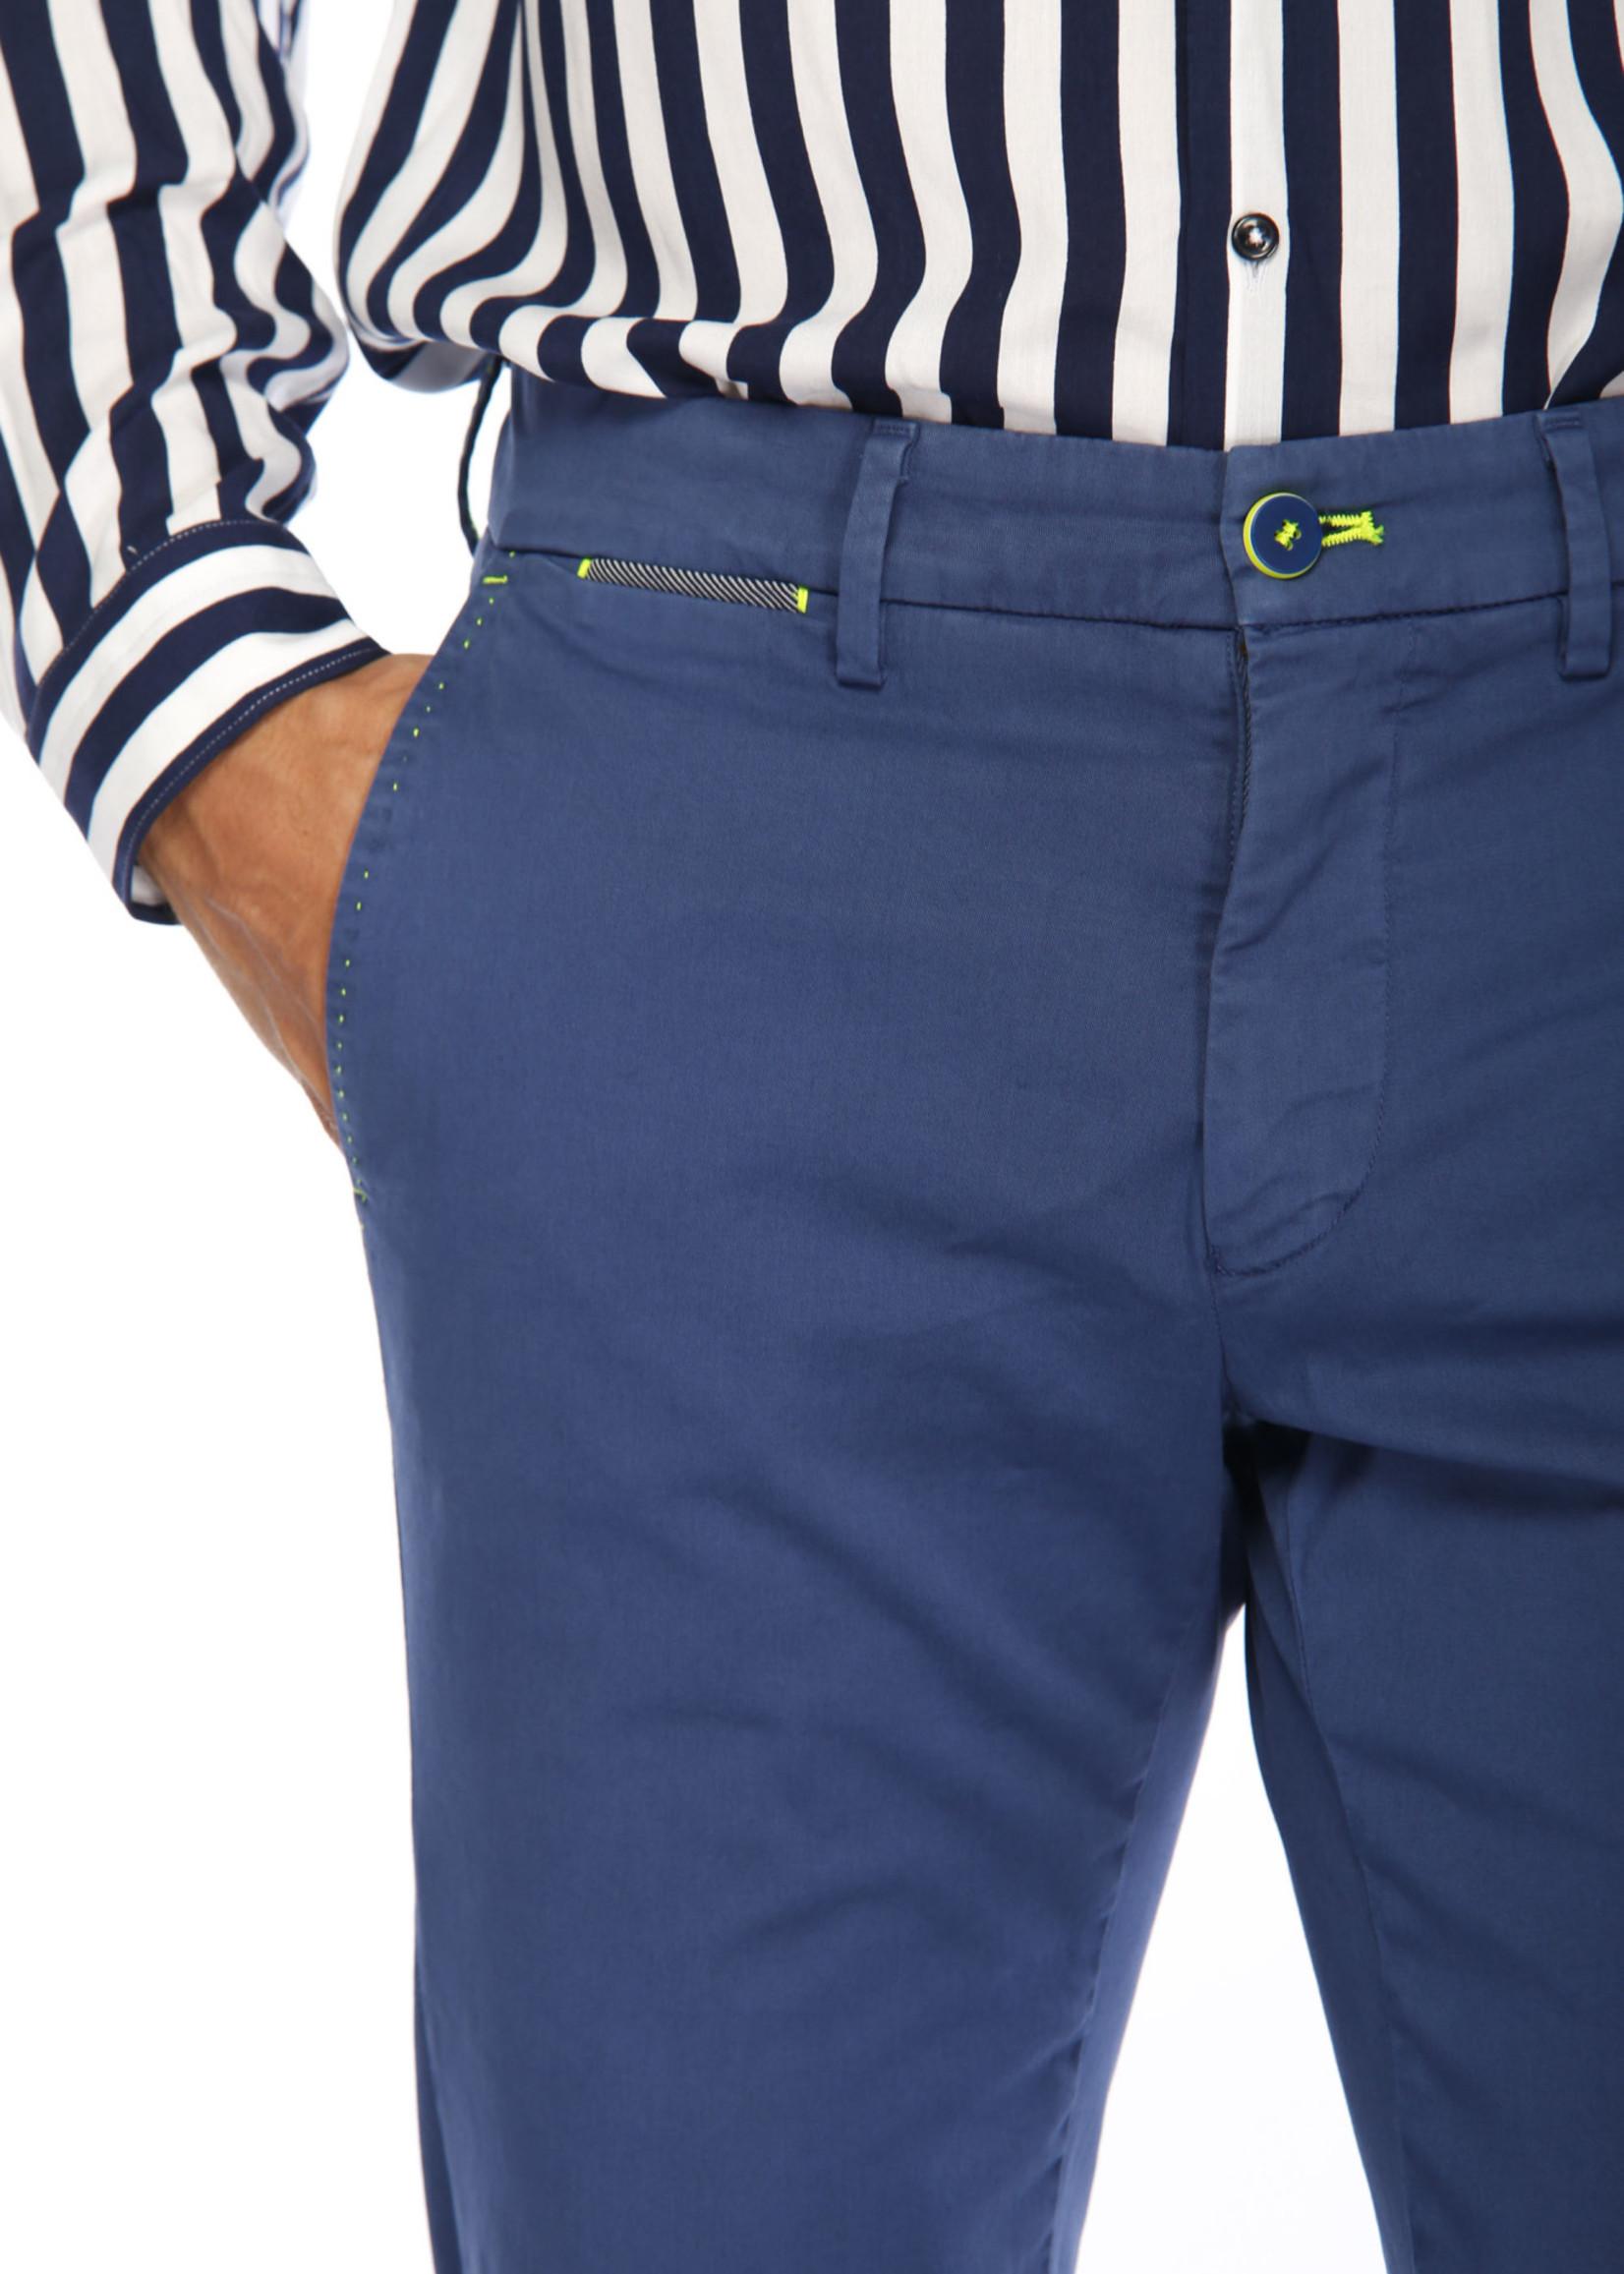 Mason's Pantalon en satin stretch et détails fluo coupe slim Torino Ocean | Bleu indigo | Mason's